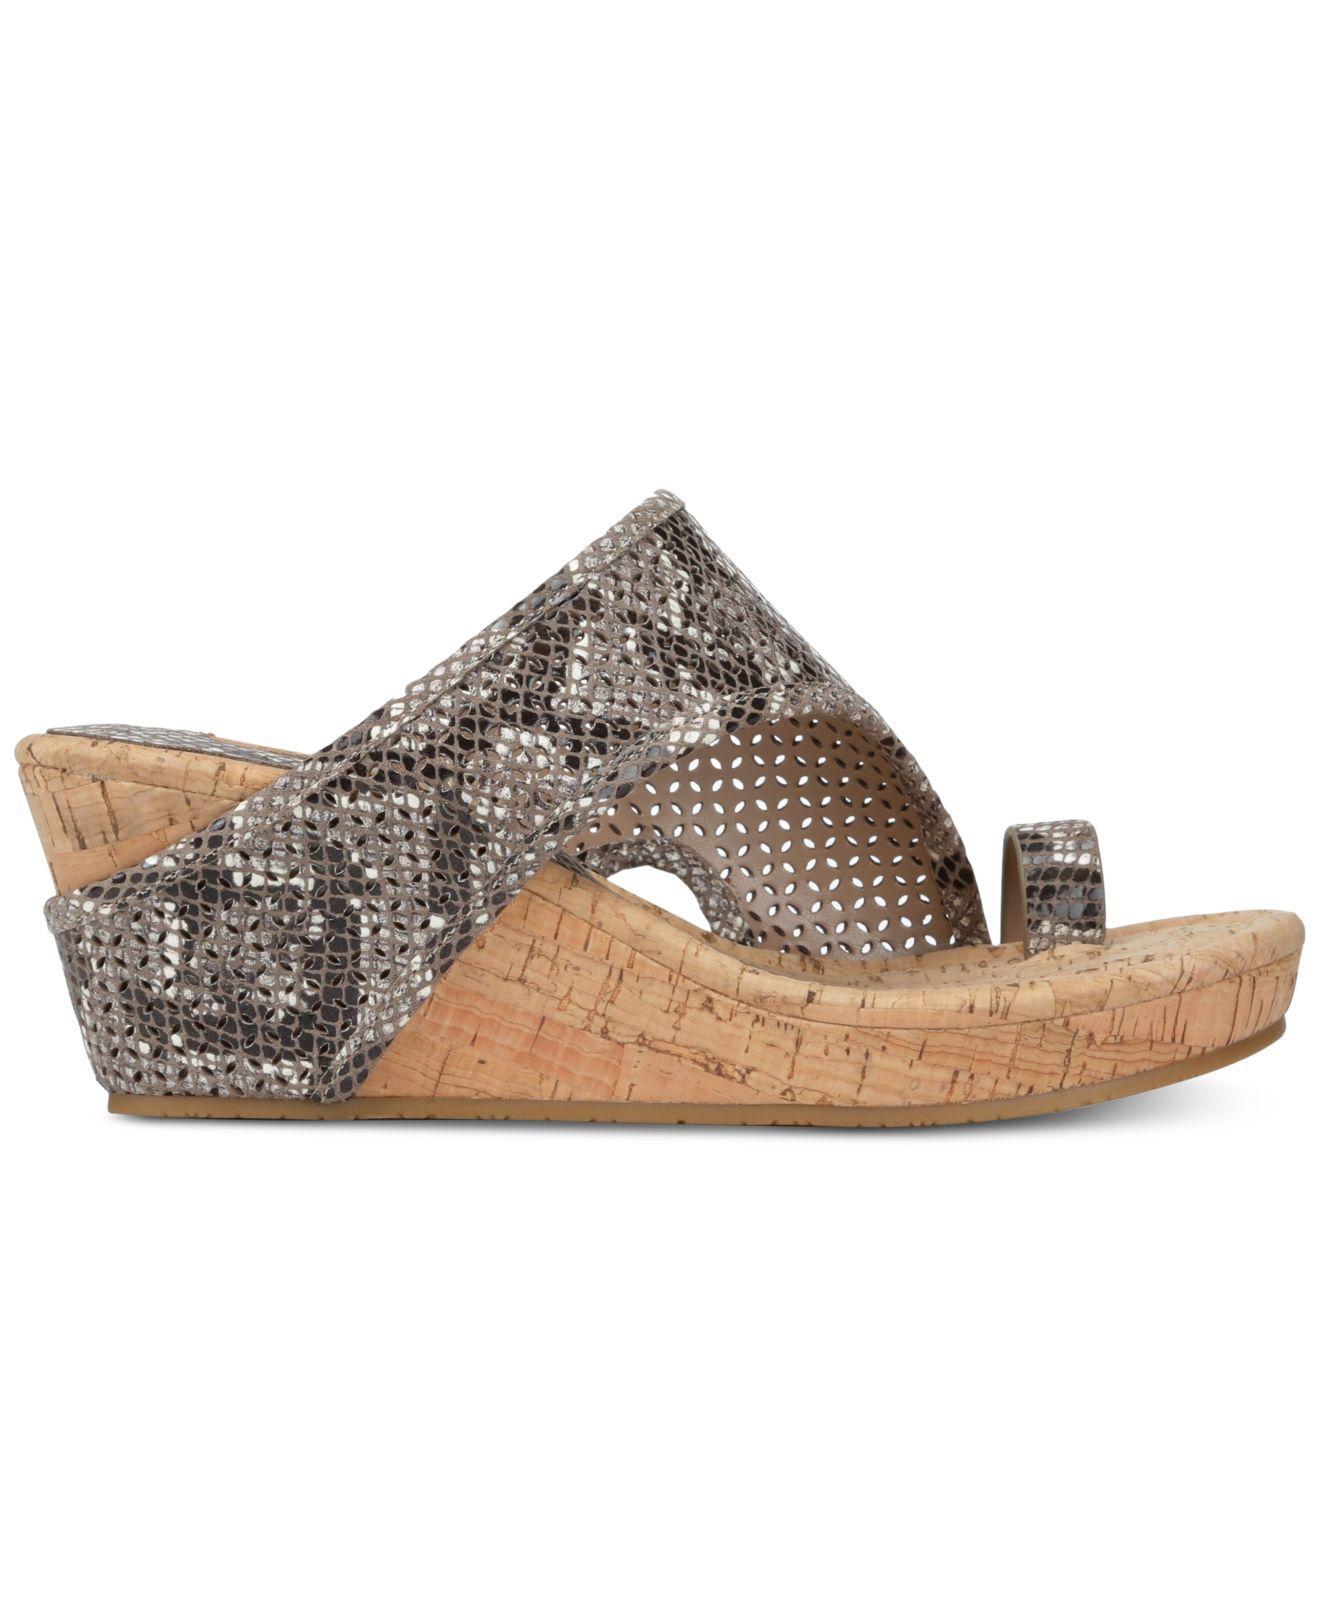 ead4aba7e56 Lyst - Donald J Pliner Gyer Wedge Sandals